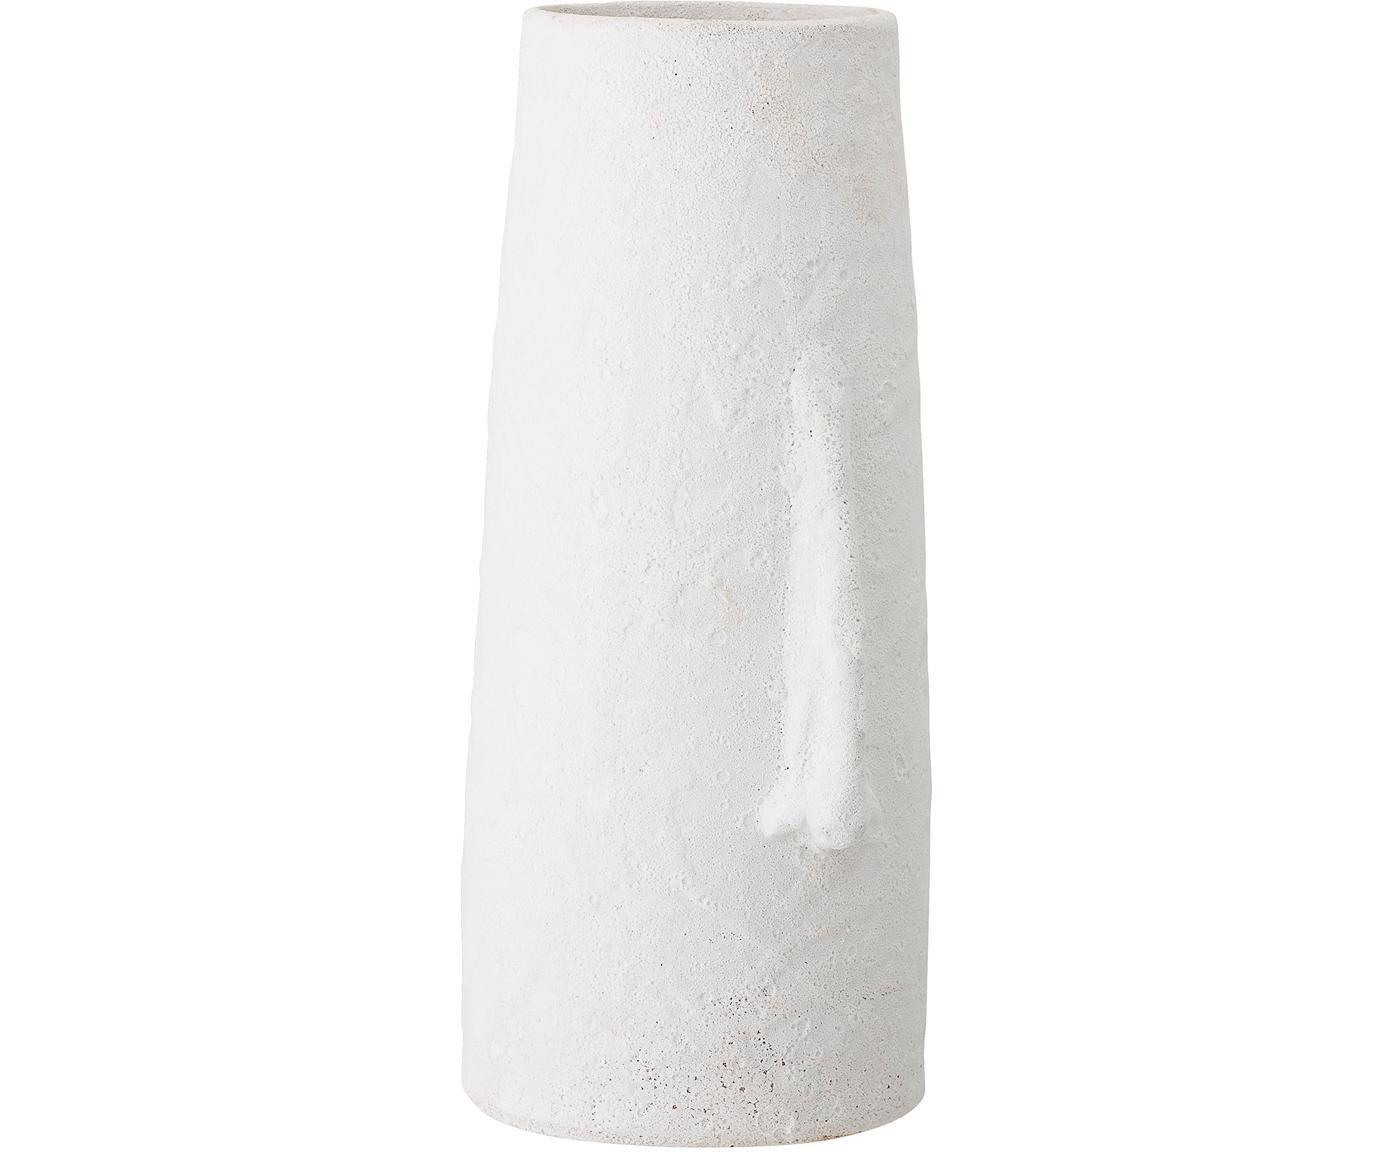 Duży wazon dekoracyjny z terakoty Nose, Terakota, Biały, S 20 x W 40 cm